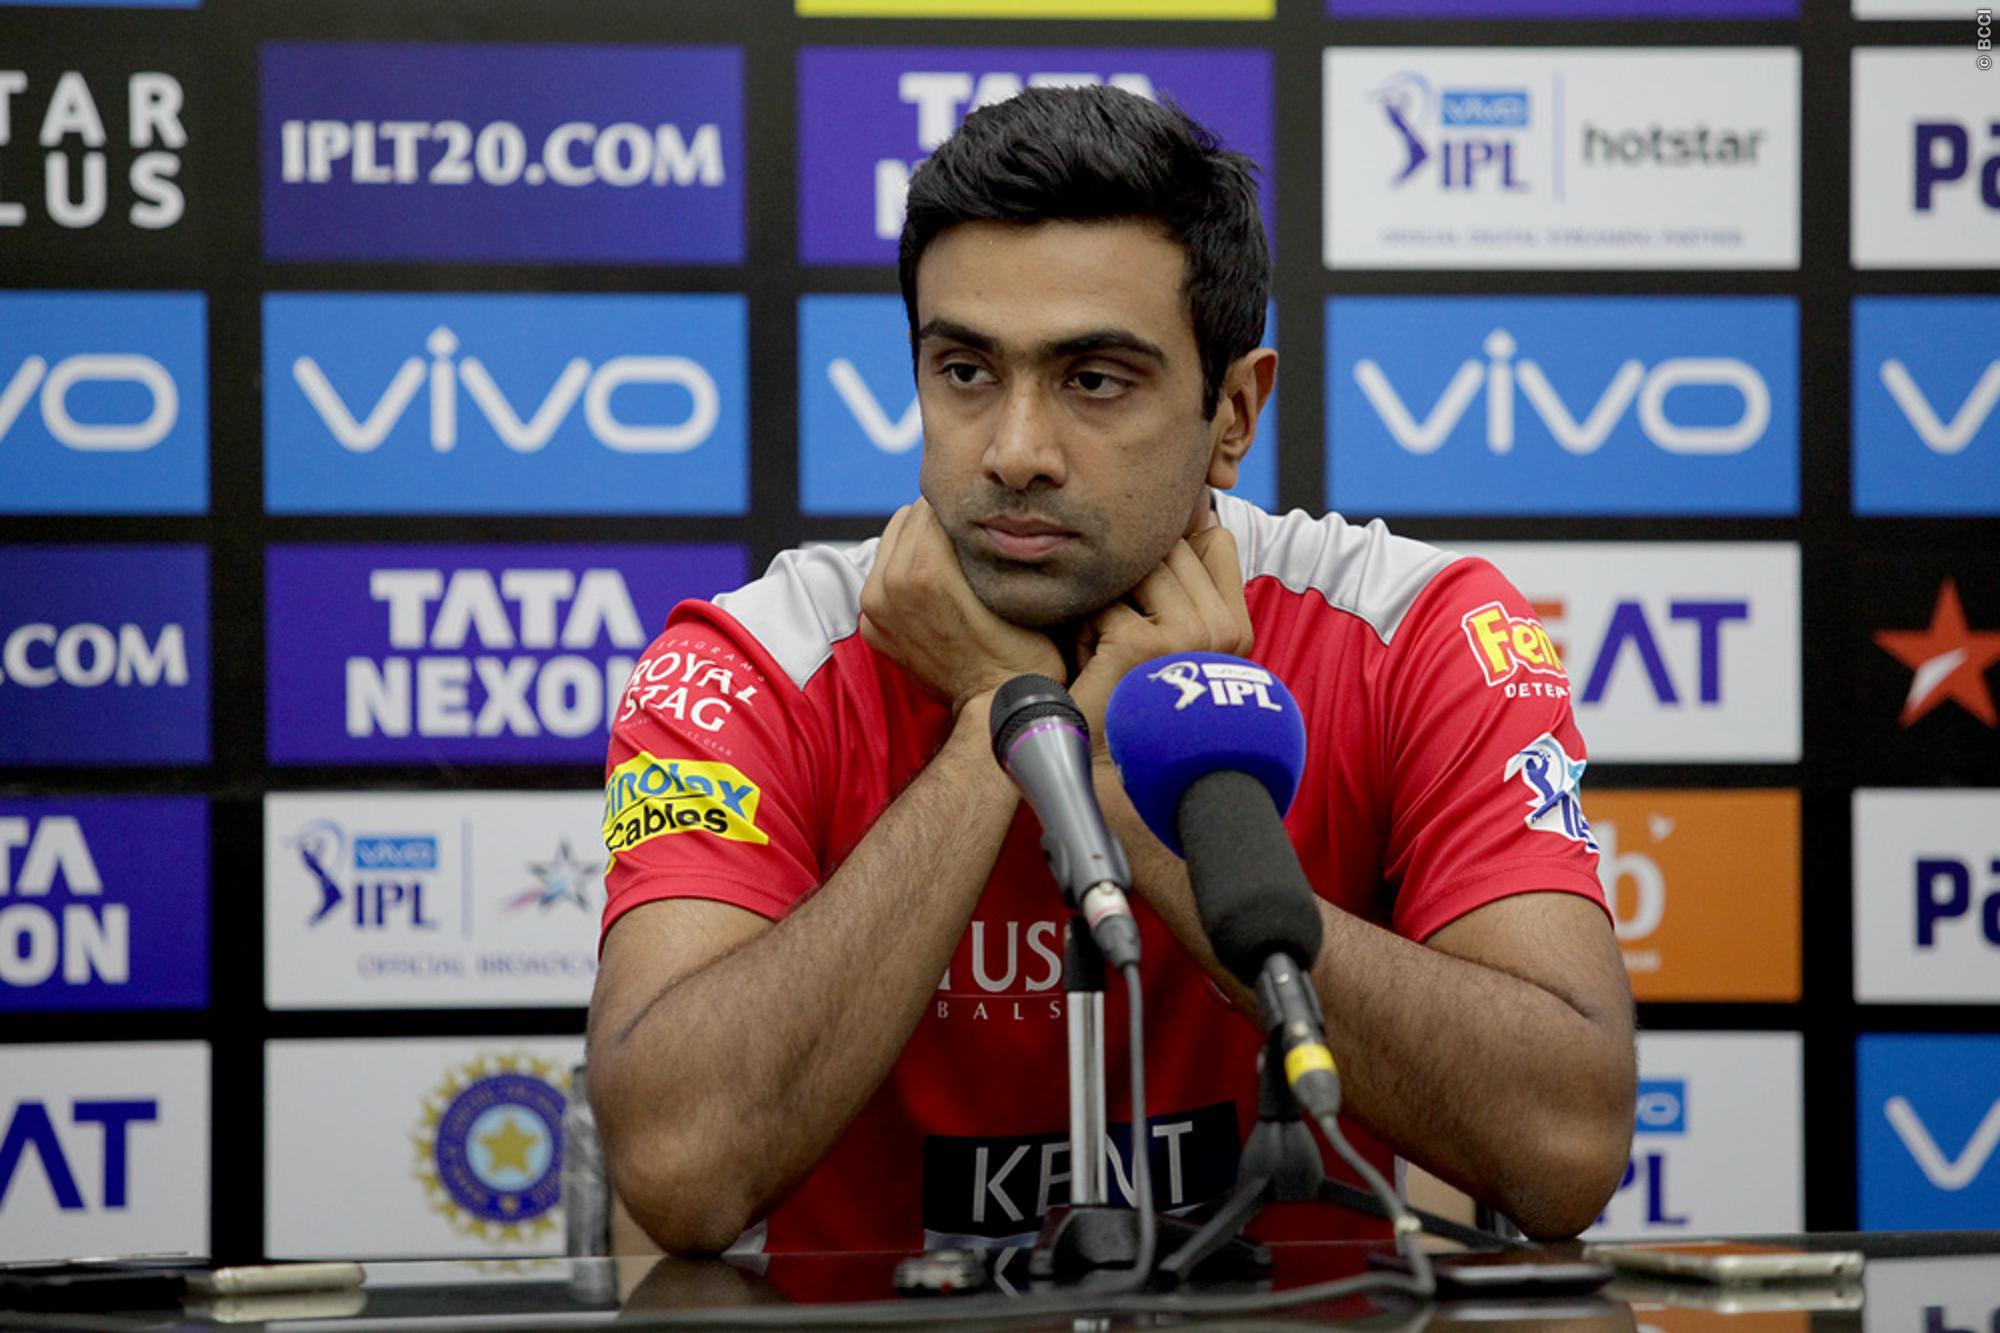 अश्विन को भरोसा इस स्टार खिलाड़ी की मदद से पंजाब हासिल करेगी मुंबई के खिलाफ प्ले ऑफ का टिकट 36